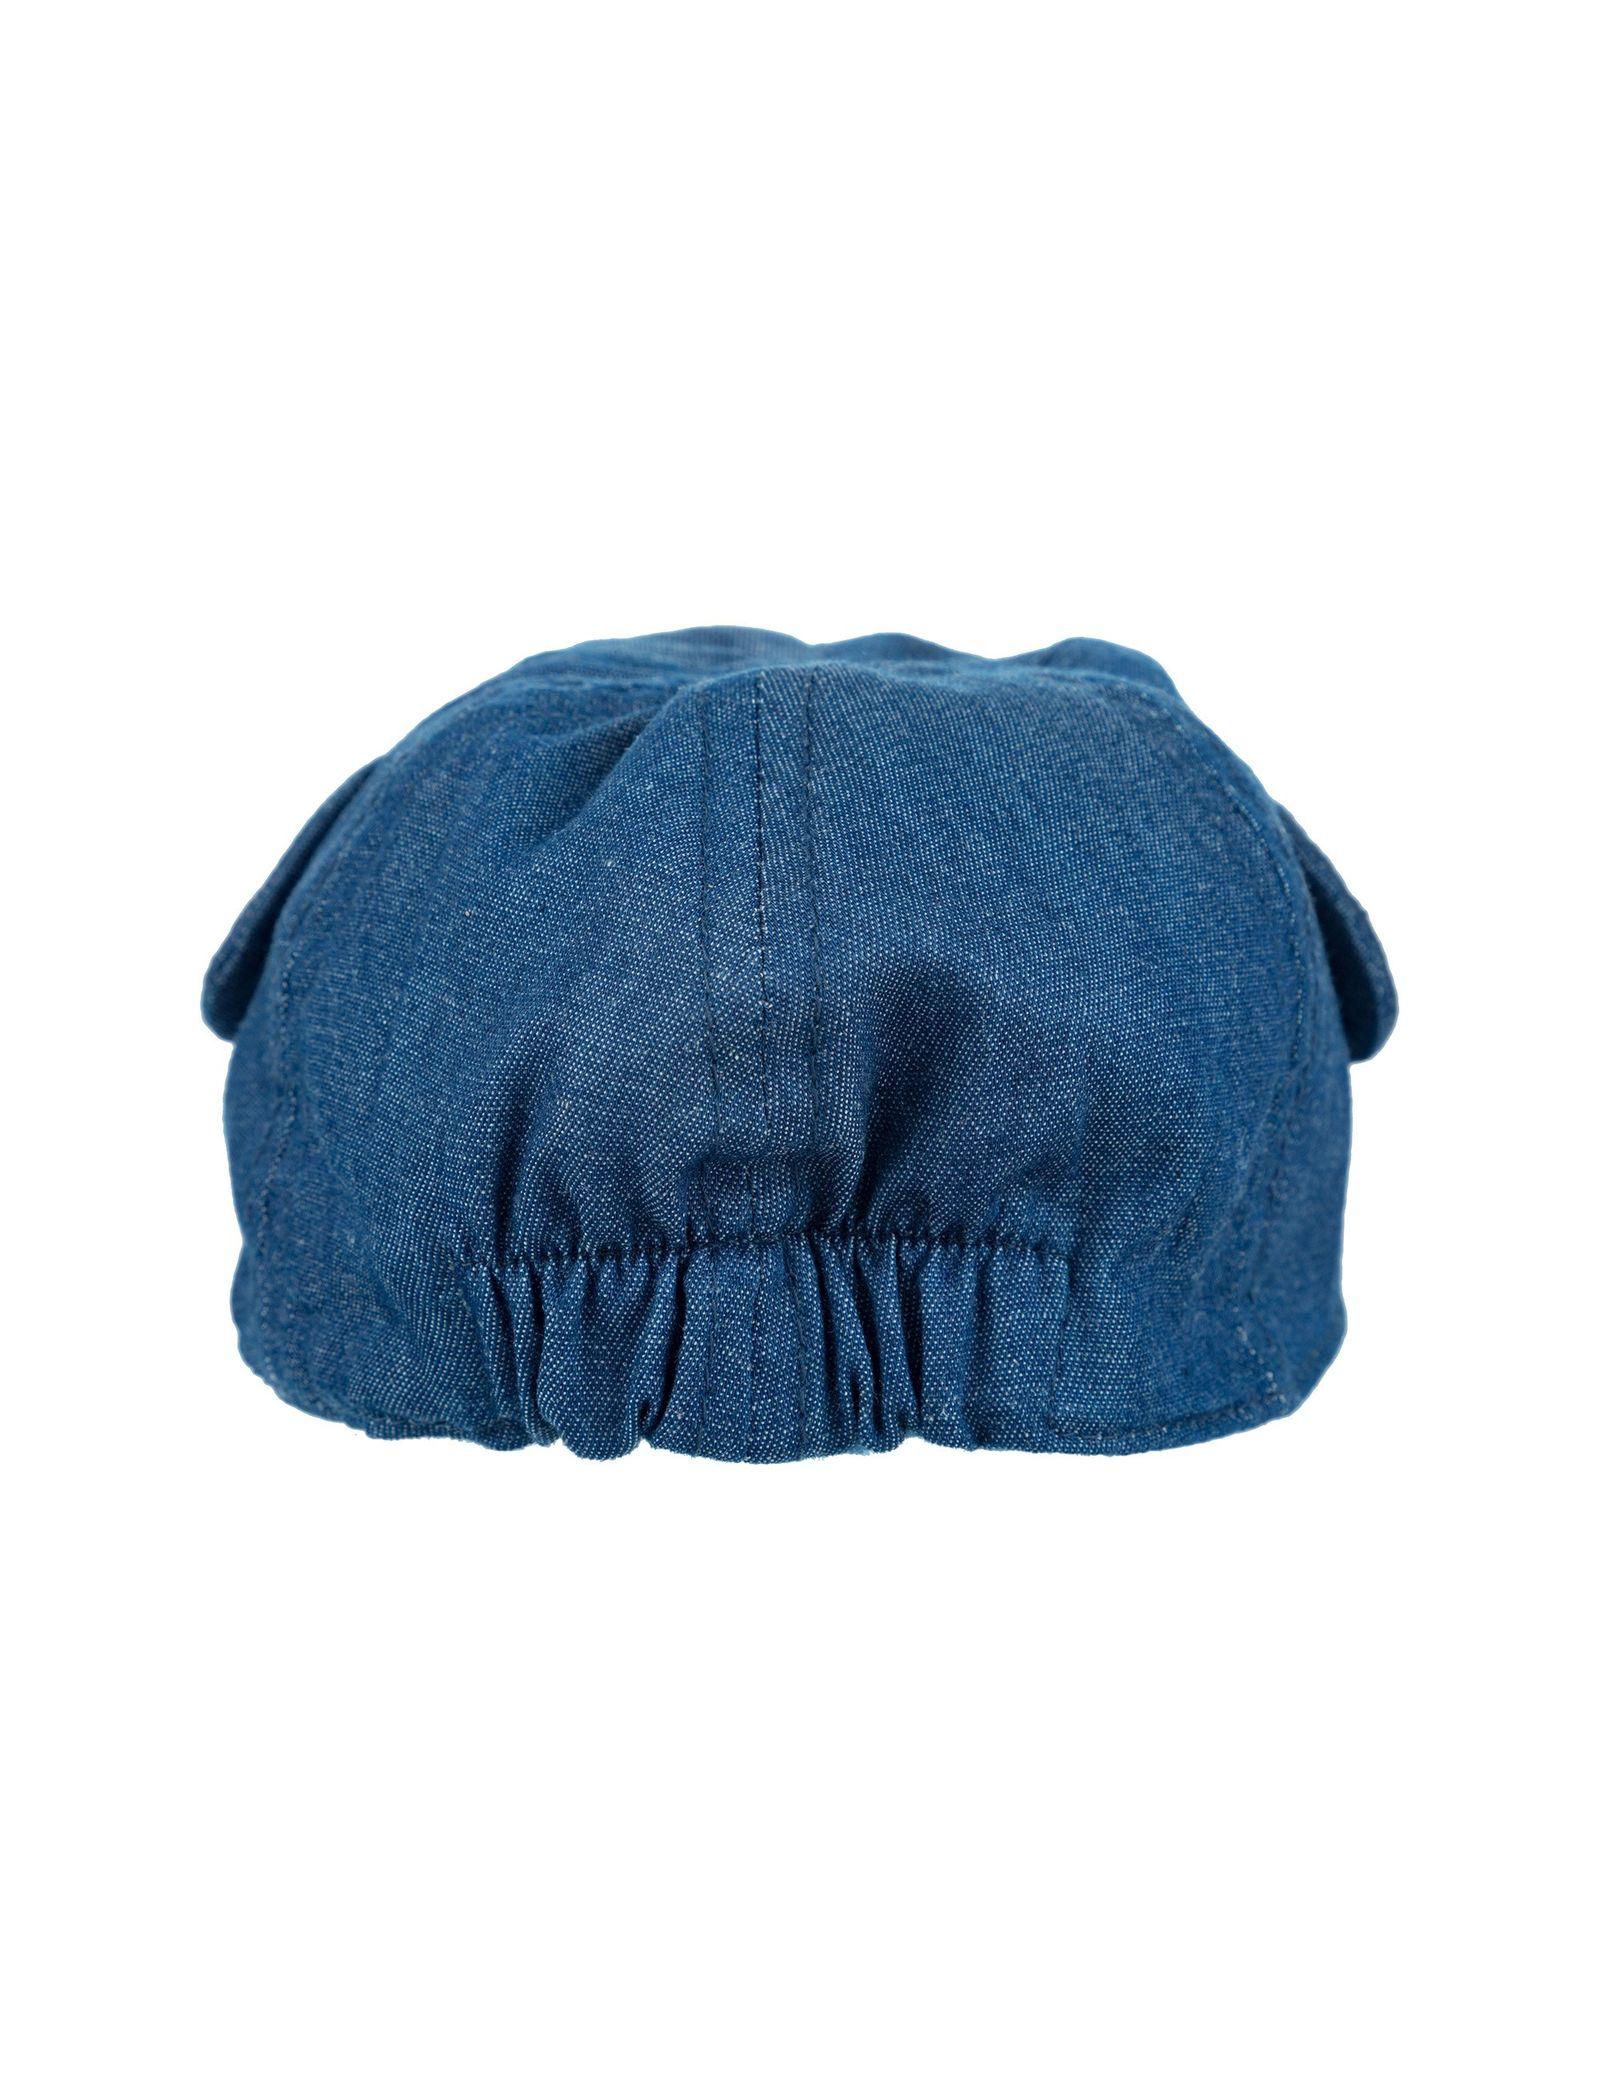 کلاه نخی پسرانه - بلوکیدز - آبي - 4